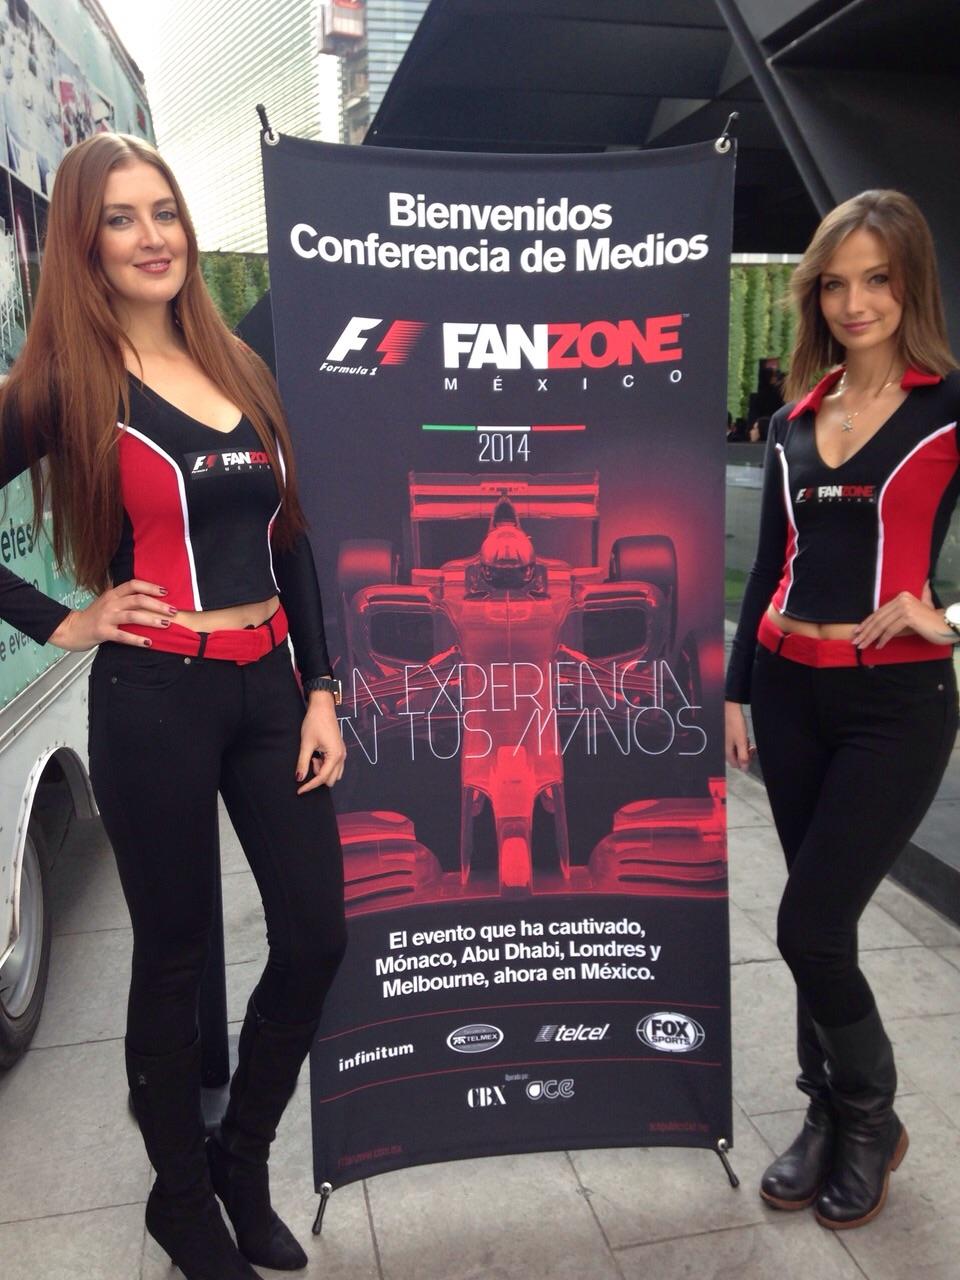 F1 FANZONE MEXICO ACE PUBLICIDAD